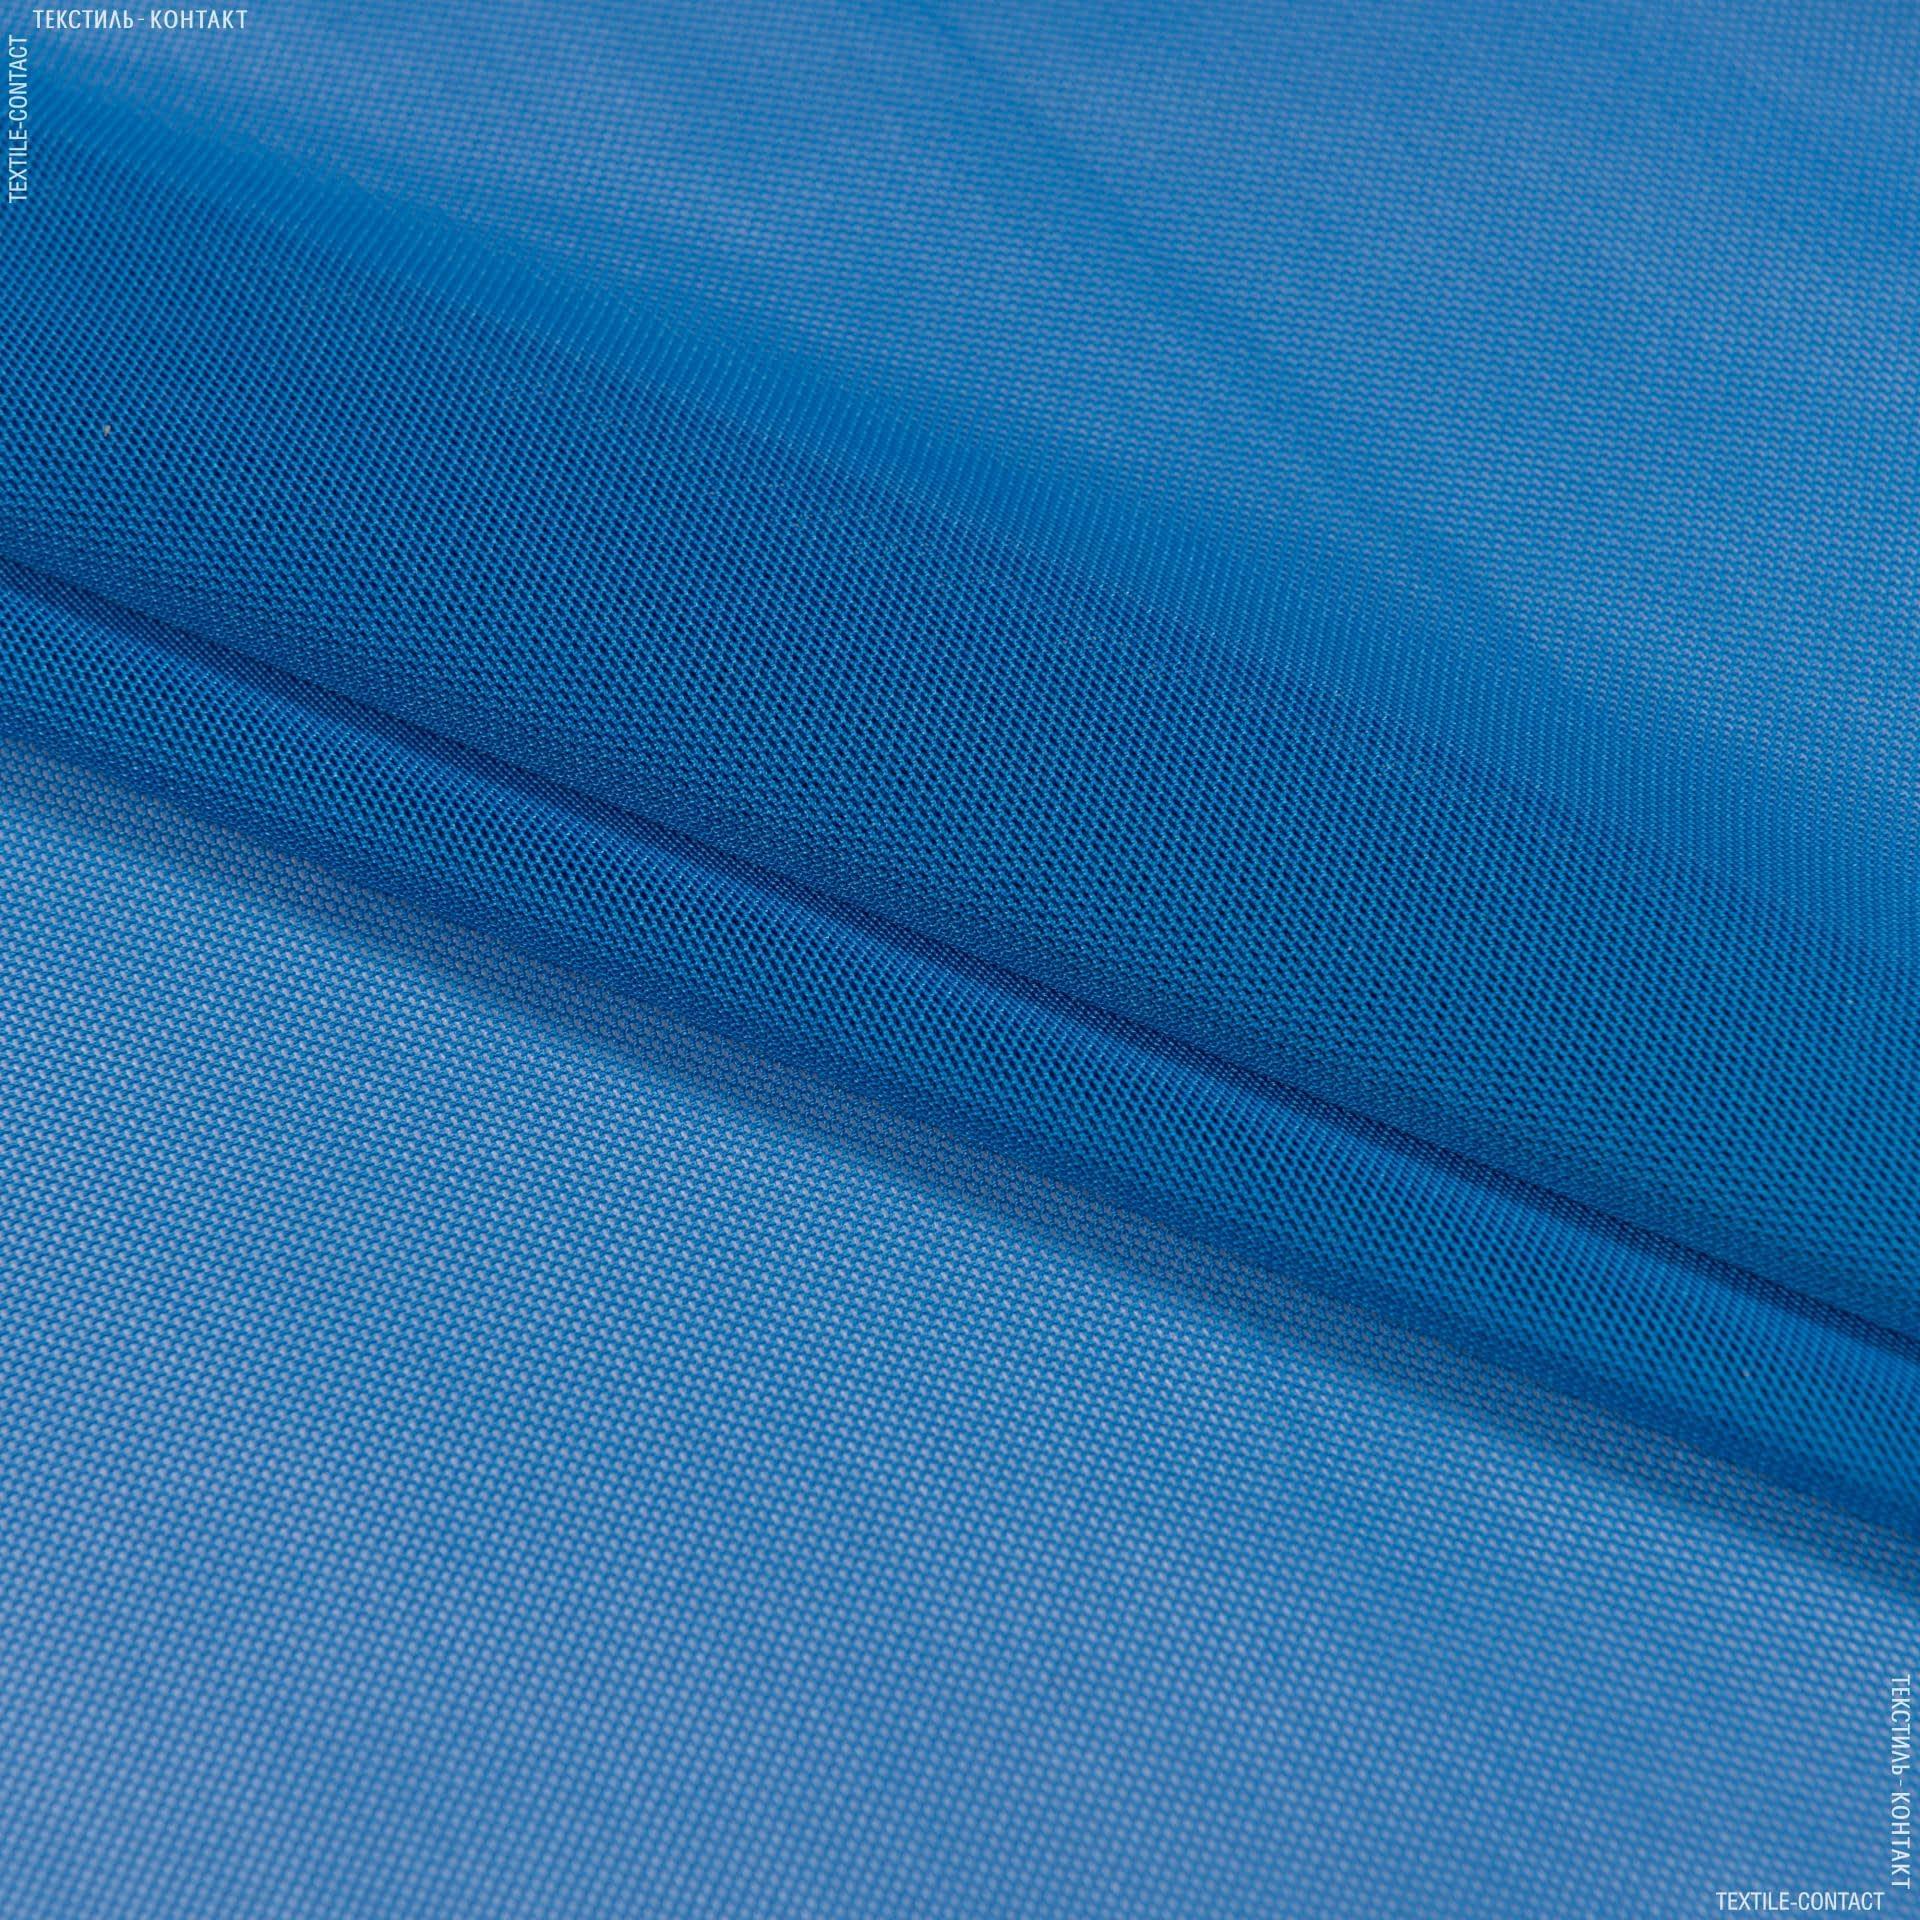 Ткани для спортивной одежды - Сетка стрейч светло-синий